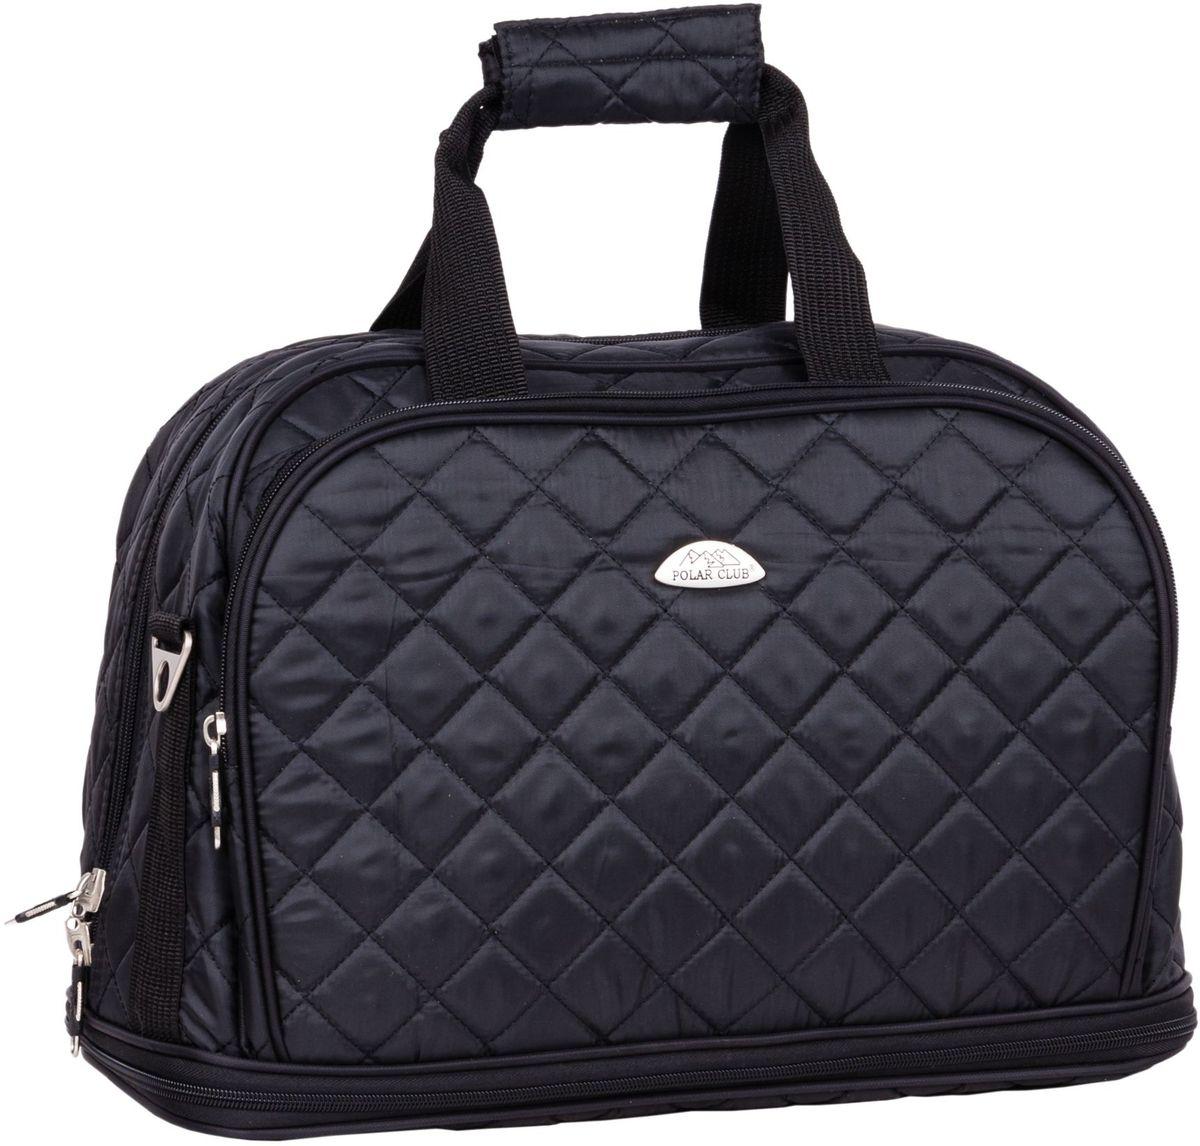 Сумка дорожная Polar  Стежка , цвет: черный, 29 л. П7079 - Дорожные сумки